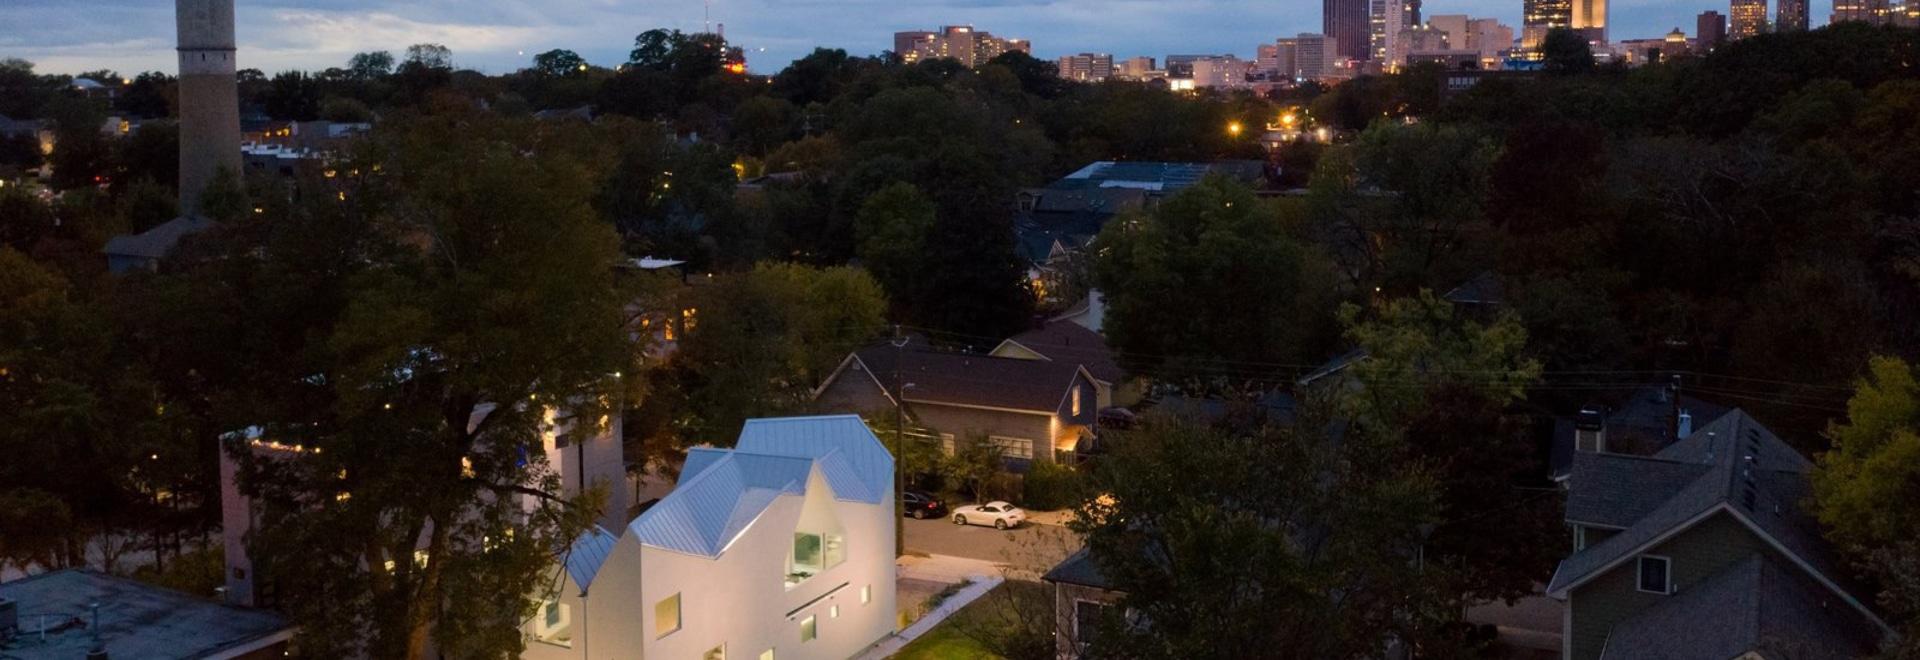 Sei tetti a spioventi Cap Questa casa Atlanta brillantemente bizzarra e bizzarra